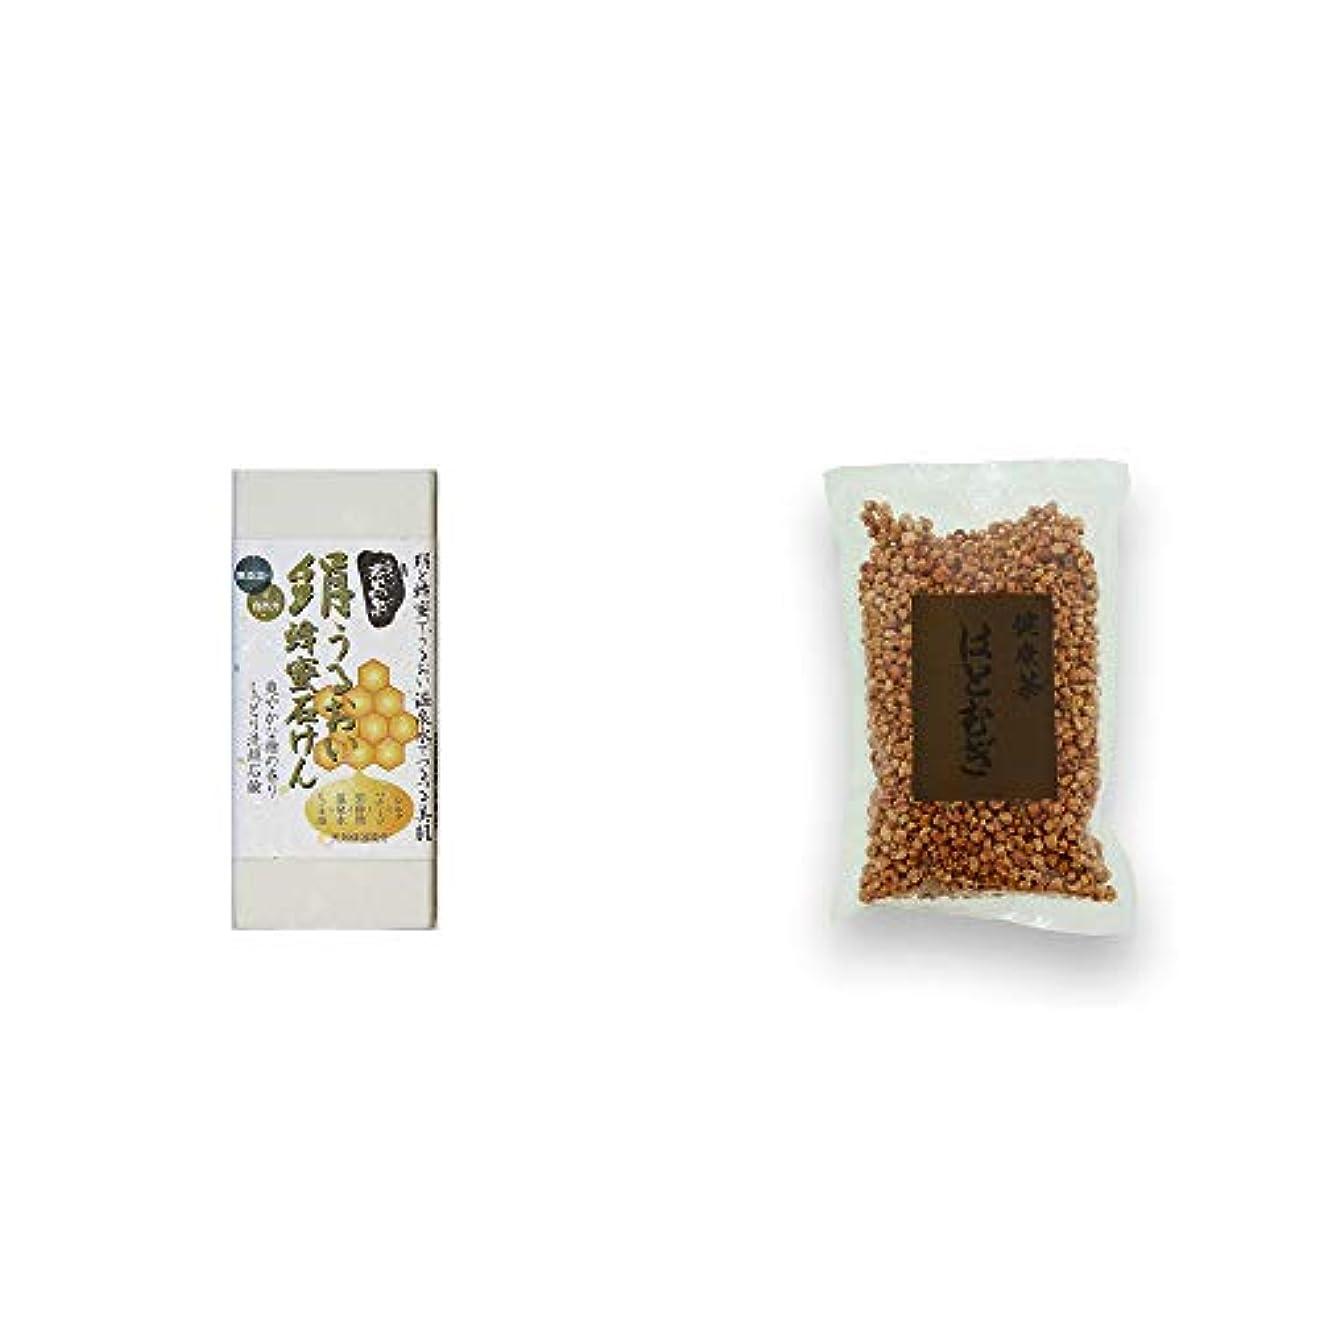 ビタミン変形住む[2点セット] ひのき炭黒泉 絹うるおい蜂蜜石けん(75g×2)?健康茶 はとむぎ(200g)